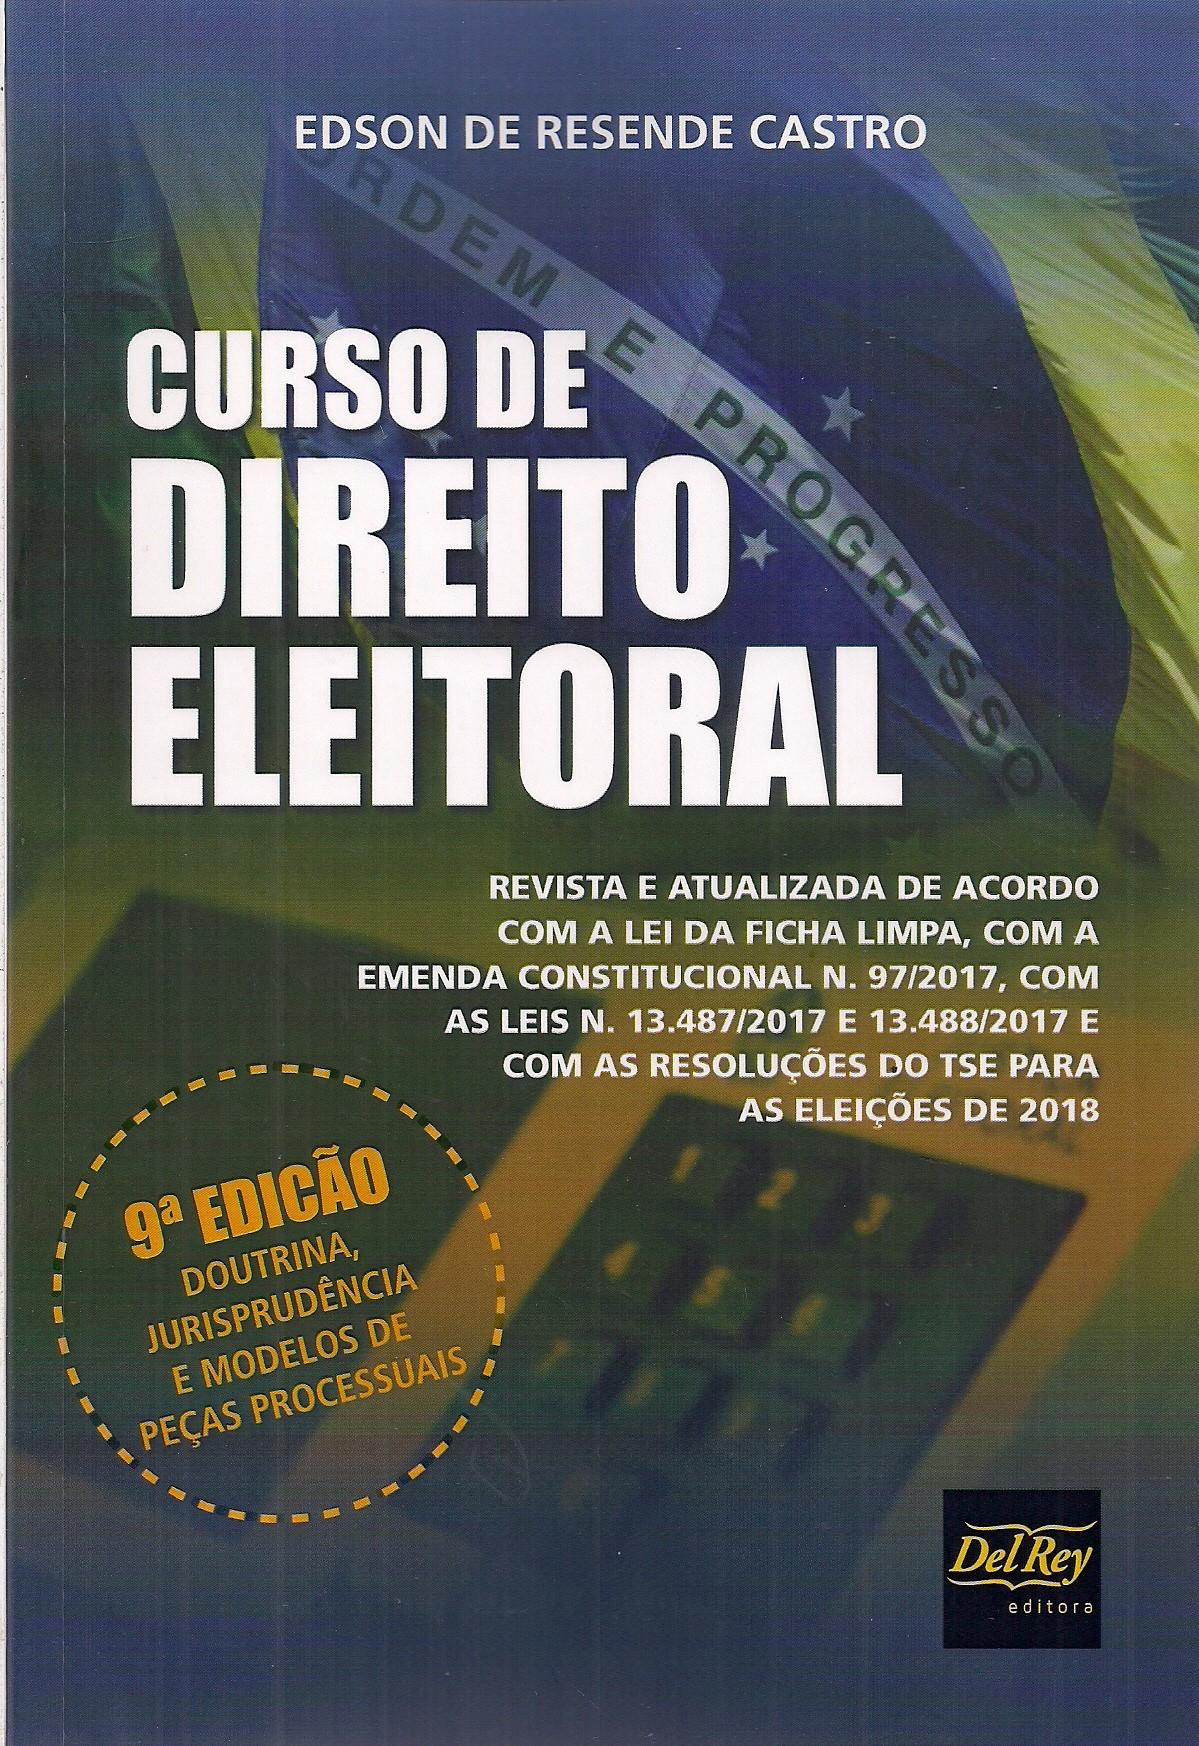 Foto 1 - Curso de Direito Eleitoral